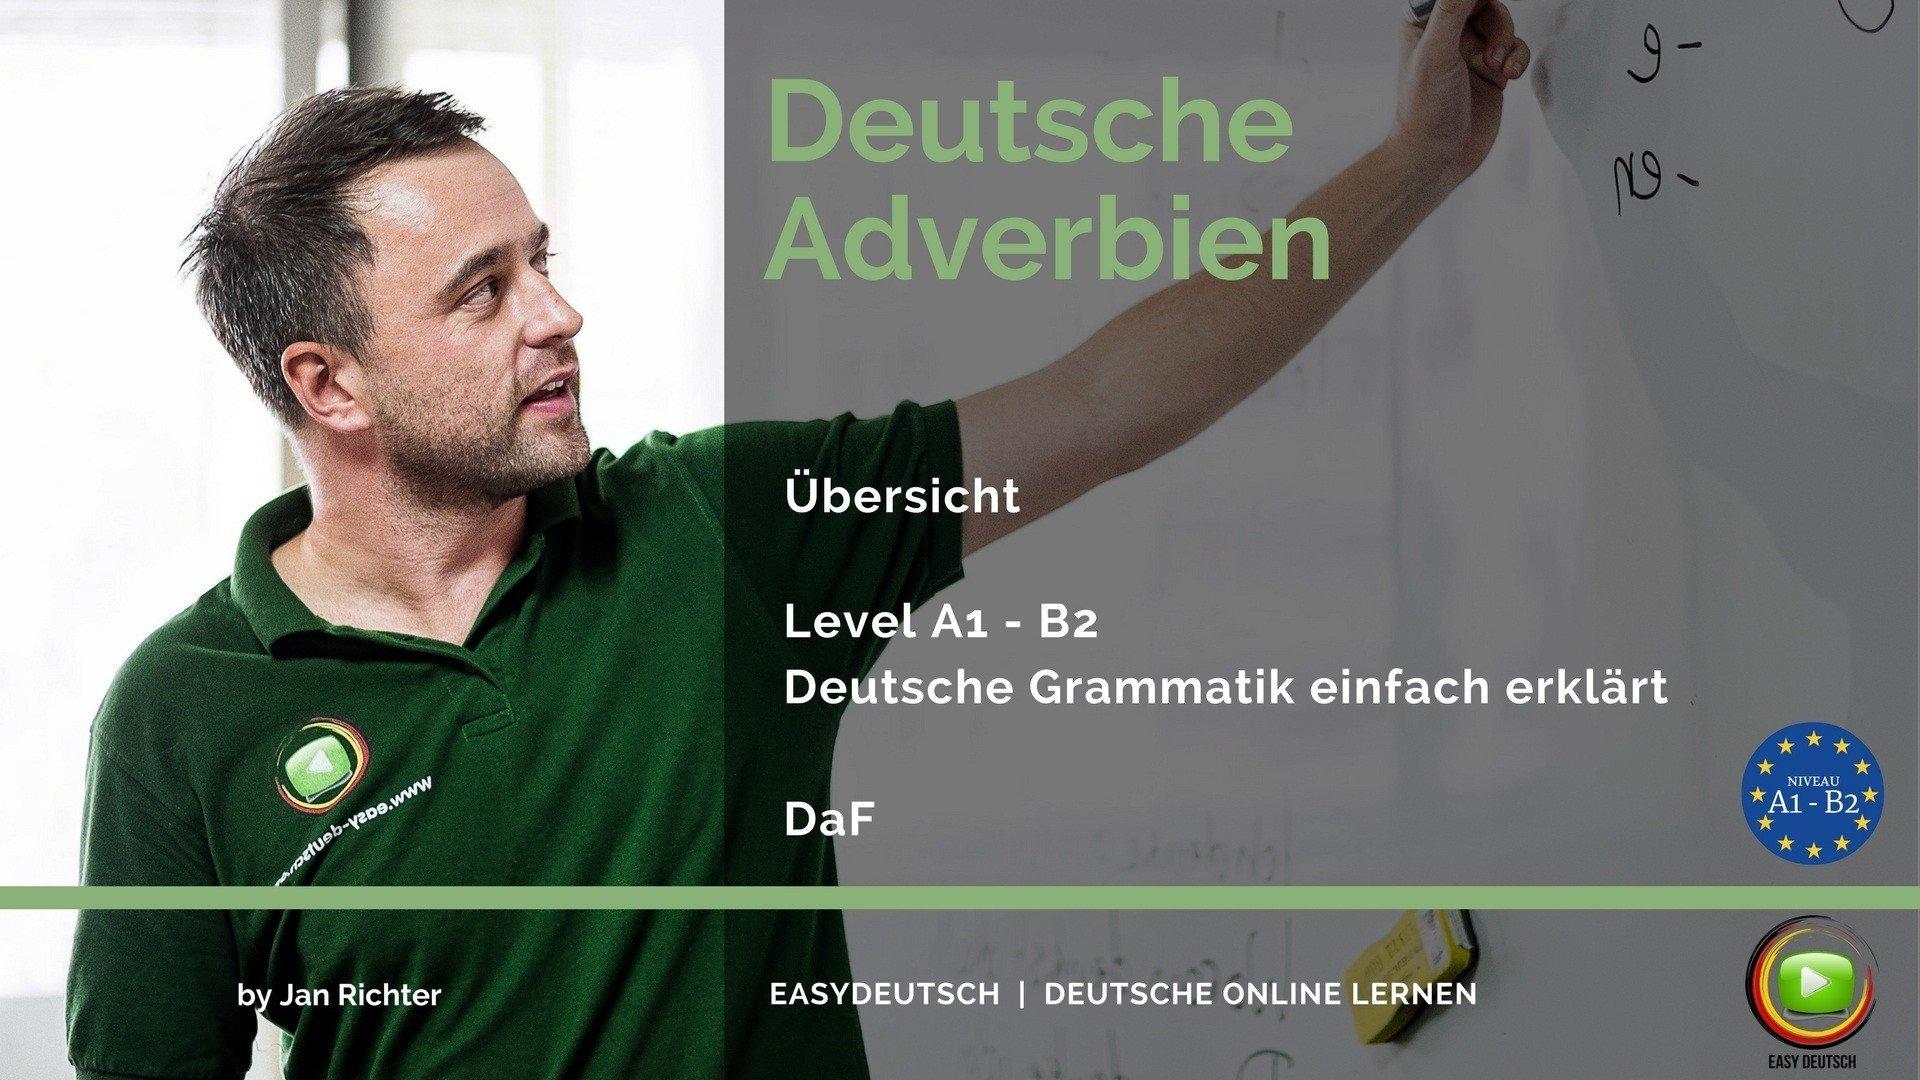 Deutsche Adverbien   Grammatik   Einfache und unkomplizierte Erklärung